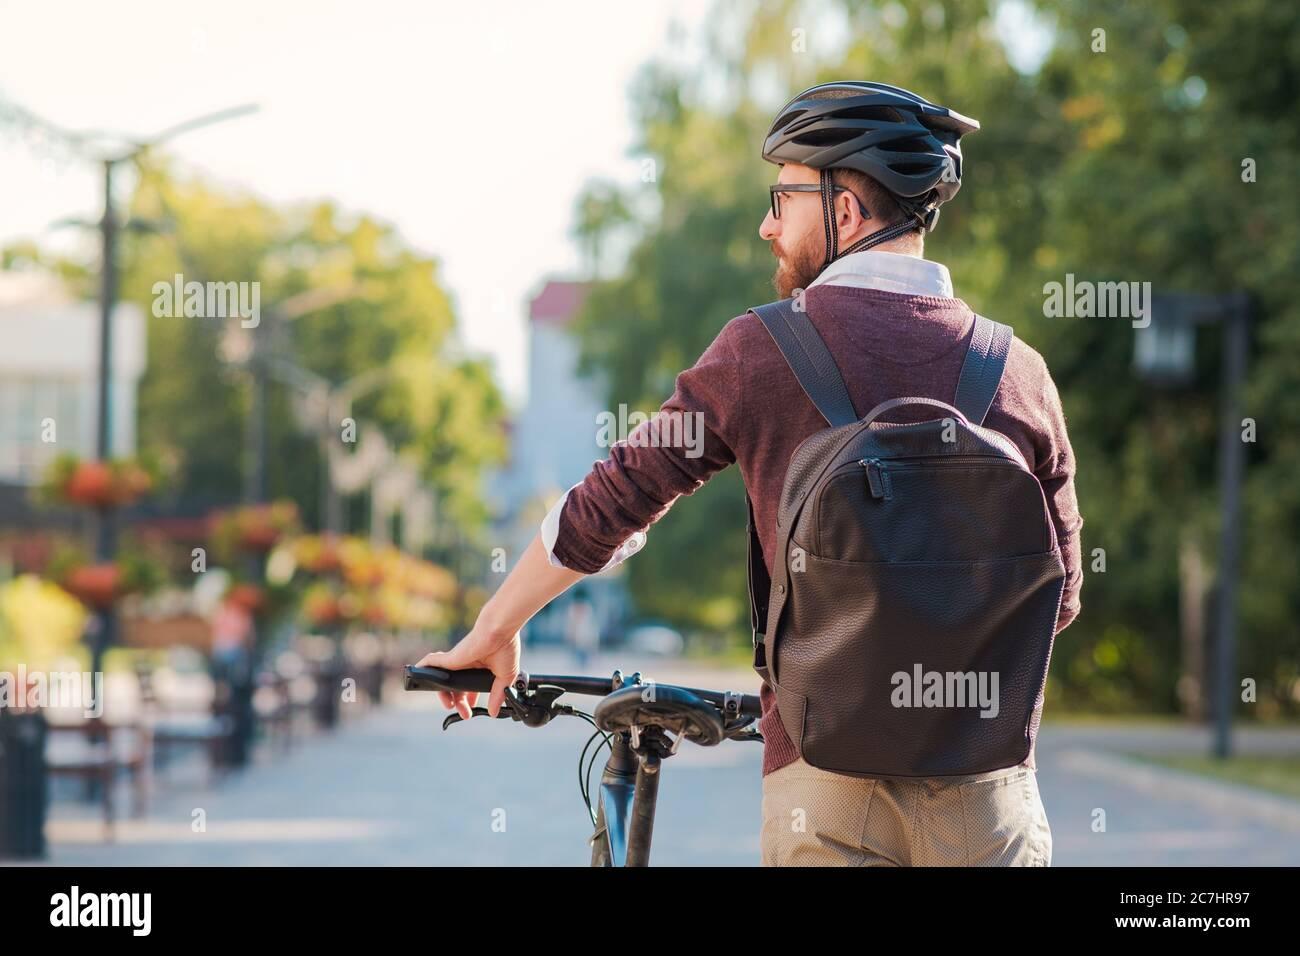 Retrato de un hombre que lleva casco de bicicleta en una ciudad. Ciclismo seguro en la ciudad, desplazamientos en bicicleta, imagen de estilo de vida urbano activo Foto de stock